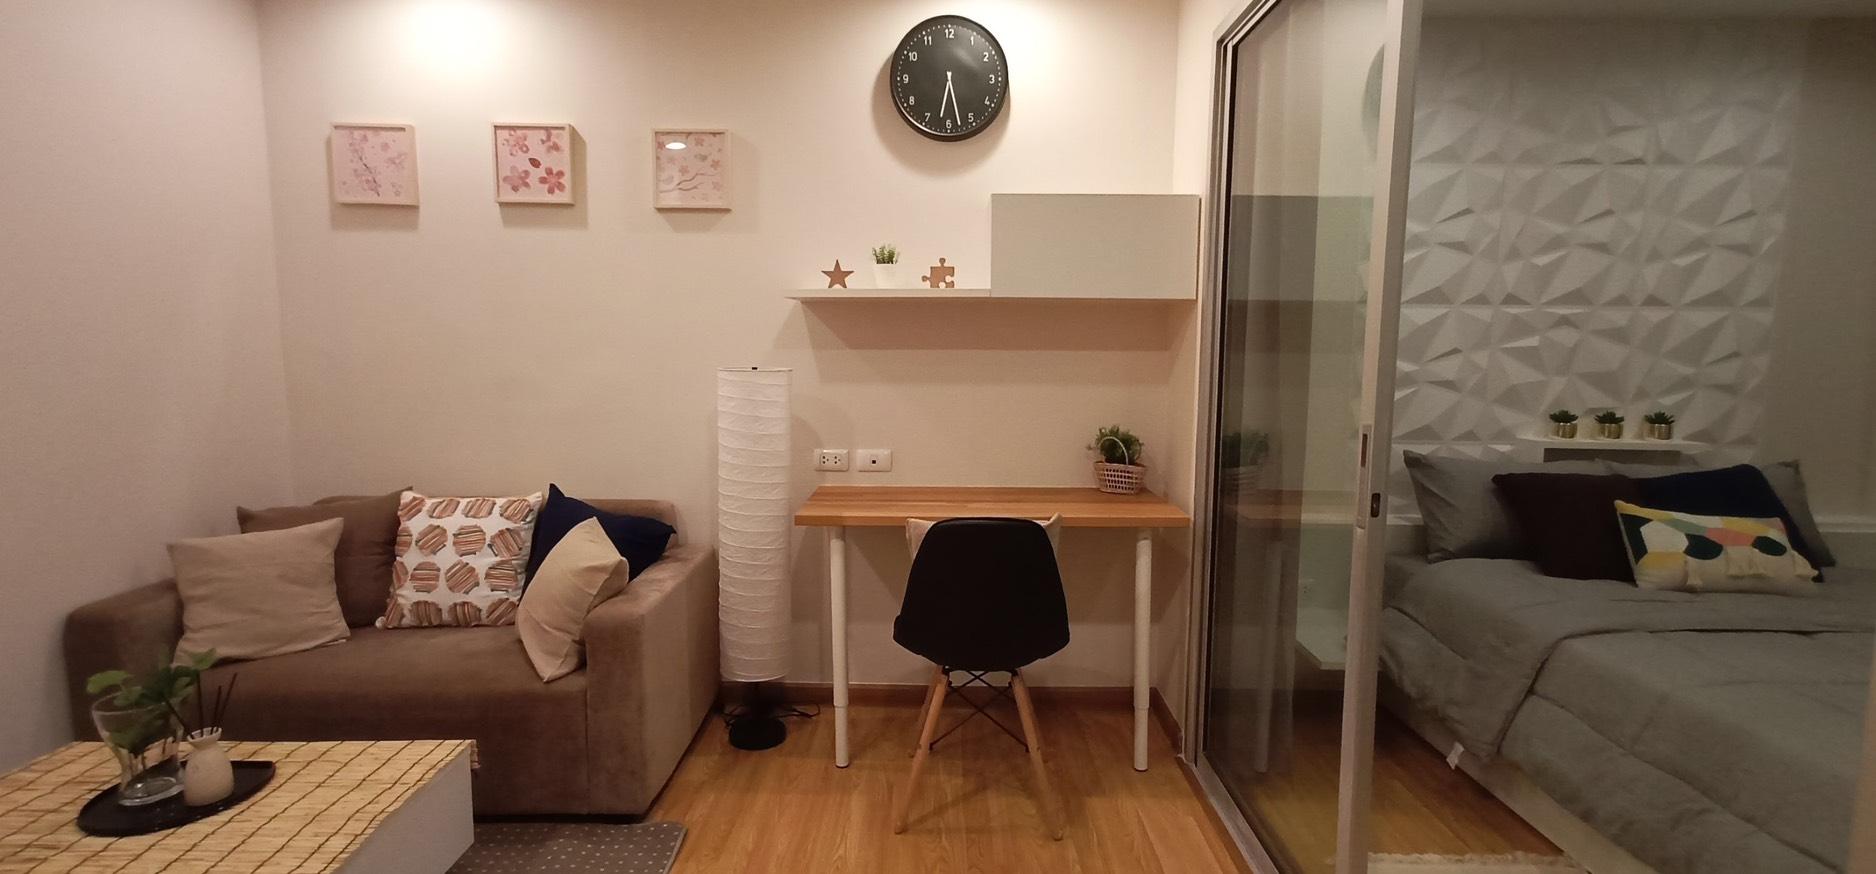 ภาพคอนโดต้องการขาย เดอะ ทรัสต์ เรสซิเด้นซ์ รัชดา-พระราม 3   นนทรี  ช่องนนทรี  ยานนาวา 1 ห้องนอน พร้อมอยู่ ราคาถูก